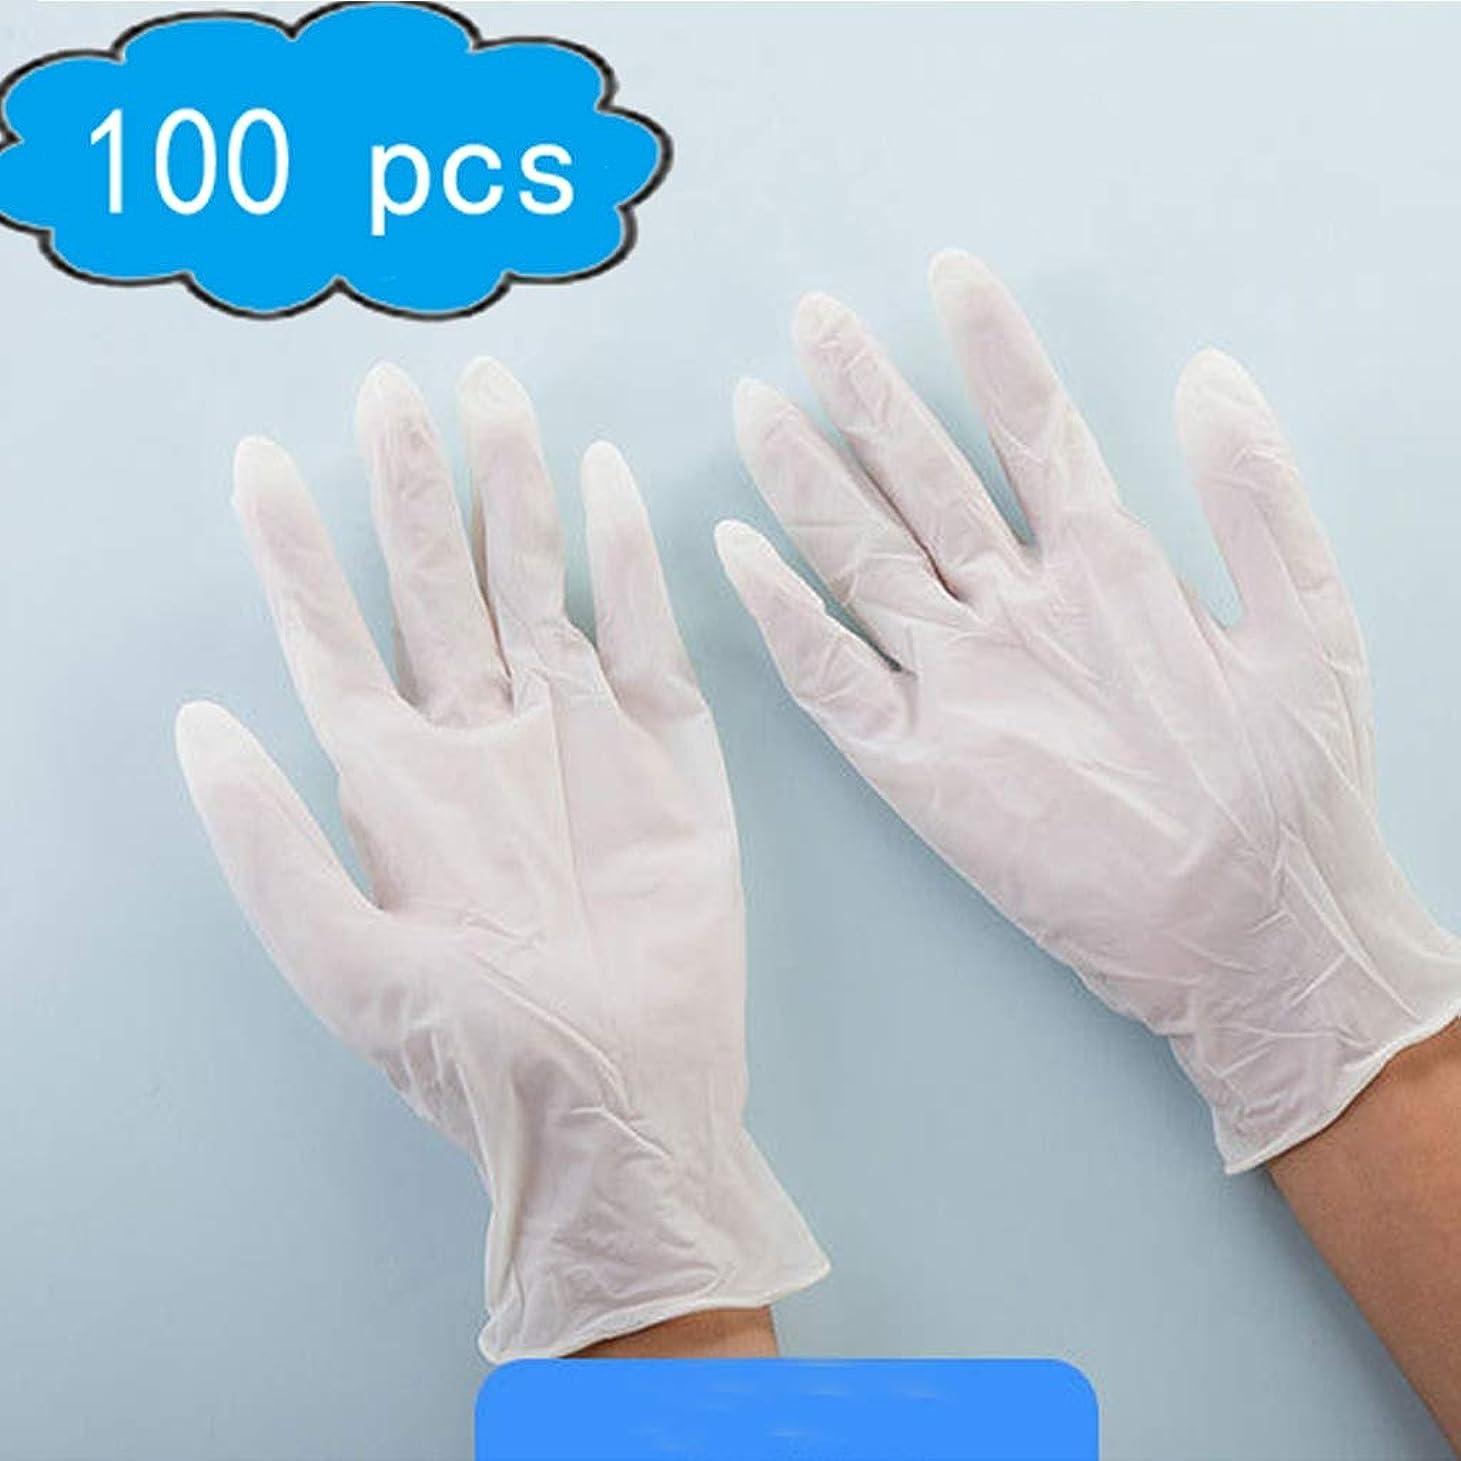 めったに煙突好み使い捨て手袋、厚手版、白い粉のない使い捨てニトリル手袋[100パック] - 大、サニタリー手袋、応急処置用品 (Color : White, Size : S)